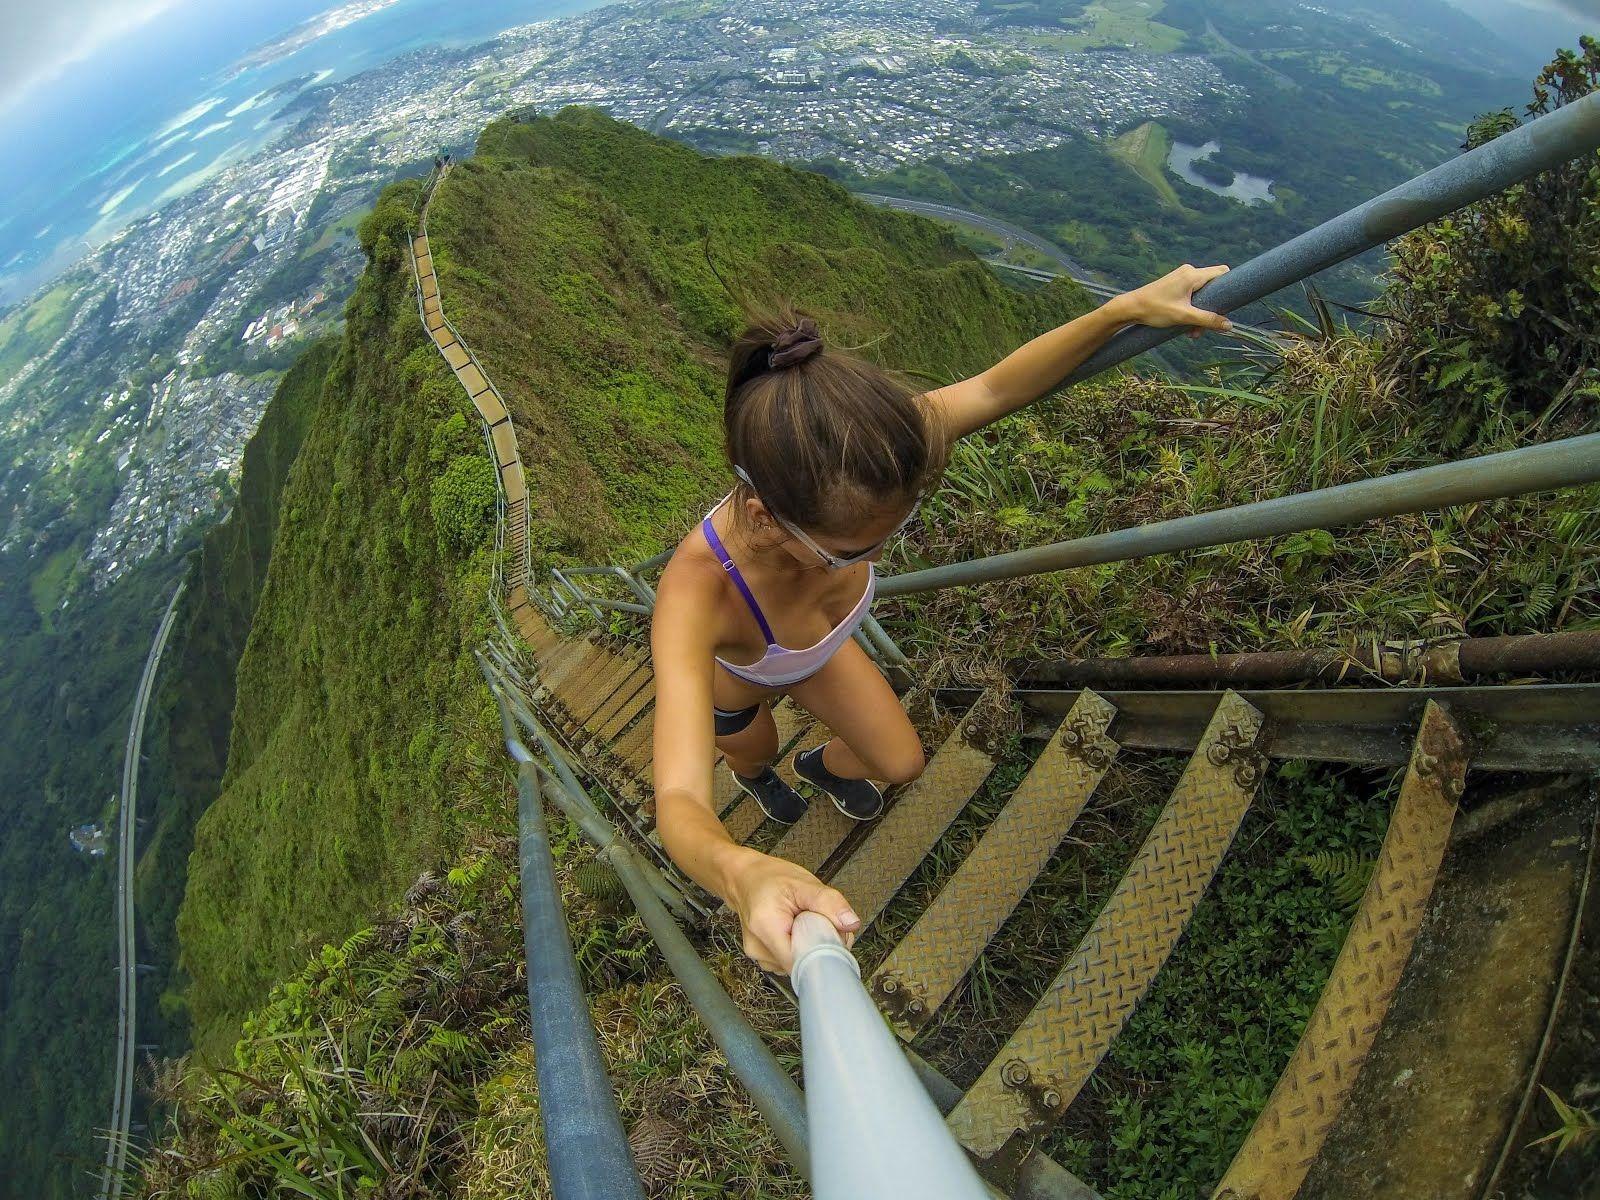 Безумные лестницы, которые не каждый сможет преодолеть